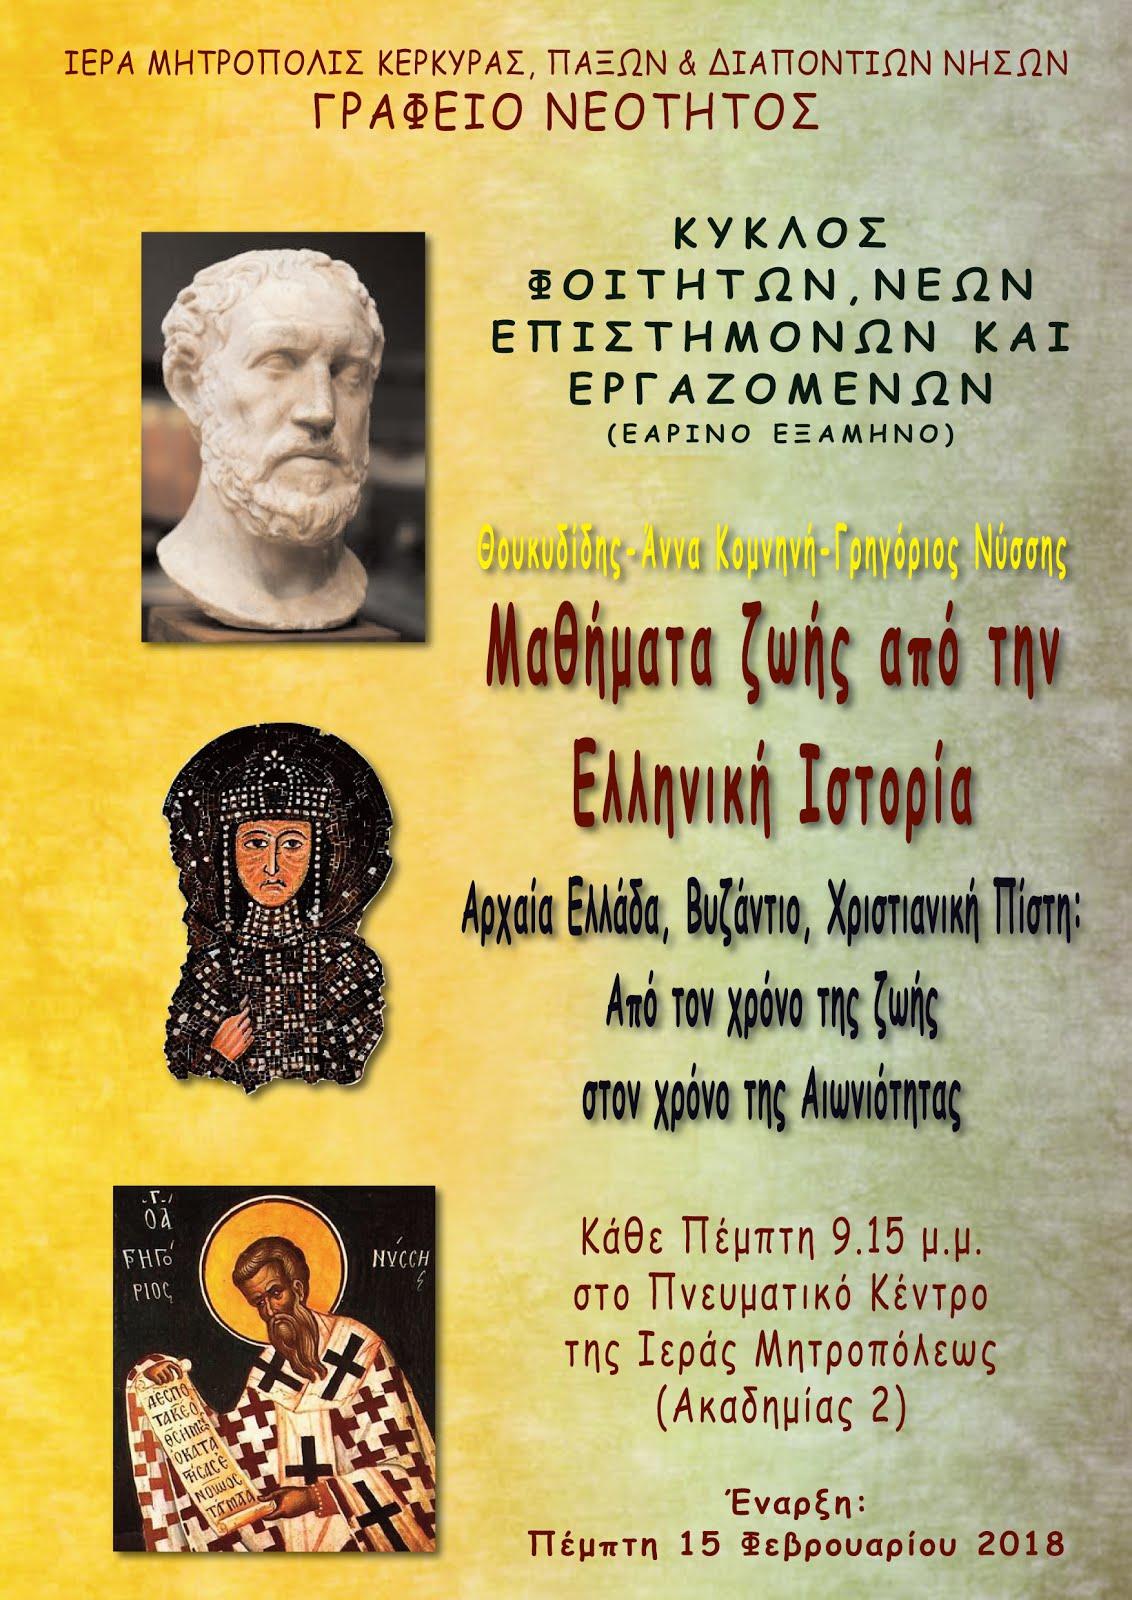 ΚΥΚΛΟΣ ΦΟΙΤΗΤΩΝ & ΝΕΩΝ ΕΠΙΣΤΗΜΟΝΩΝ